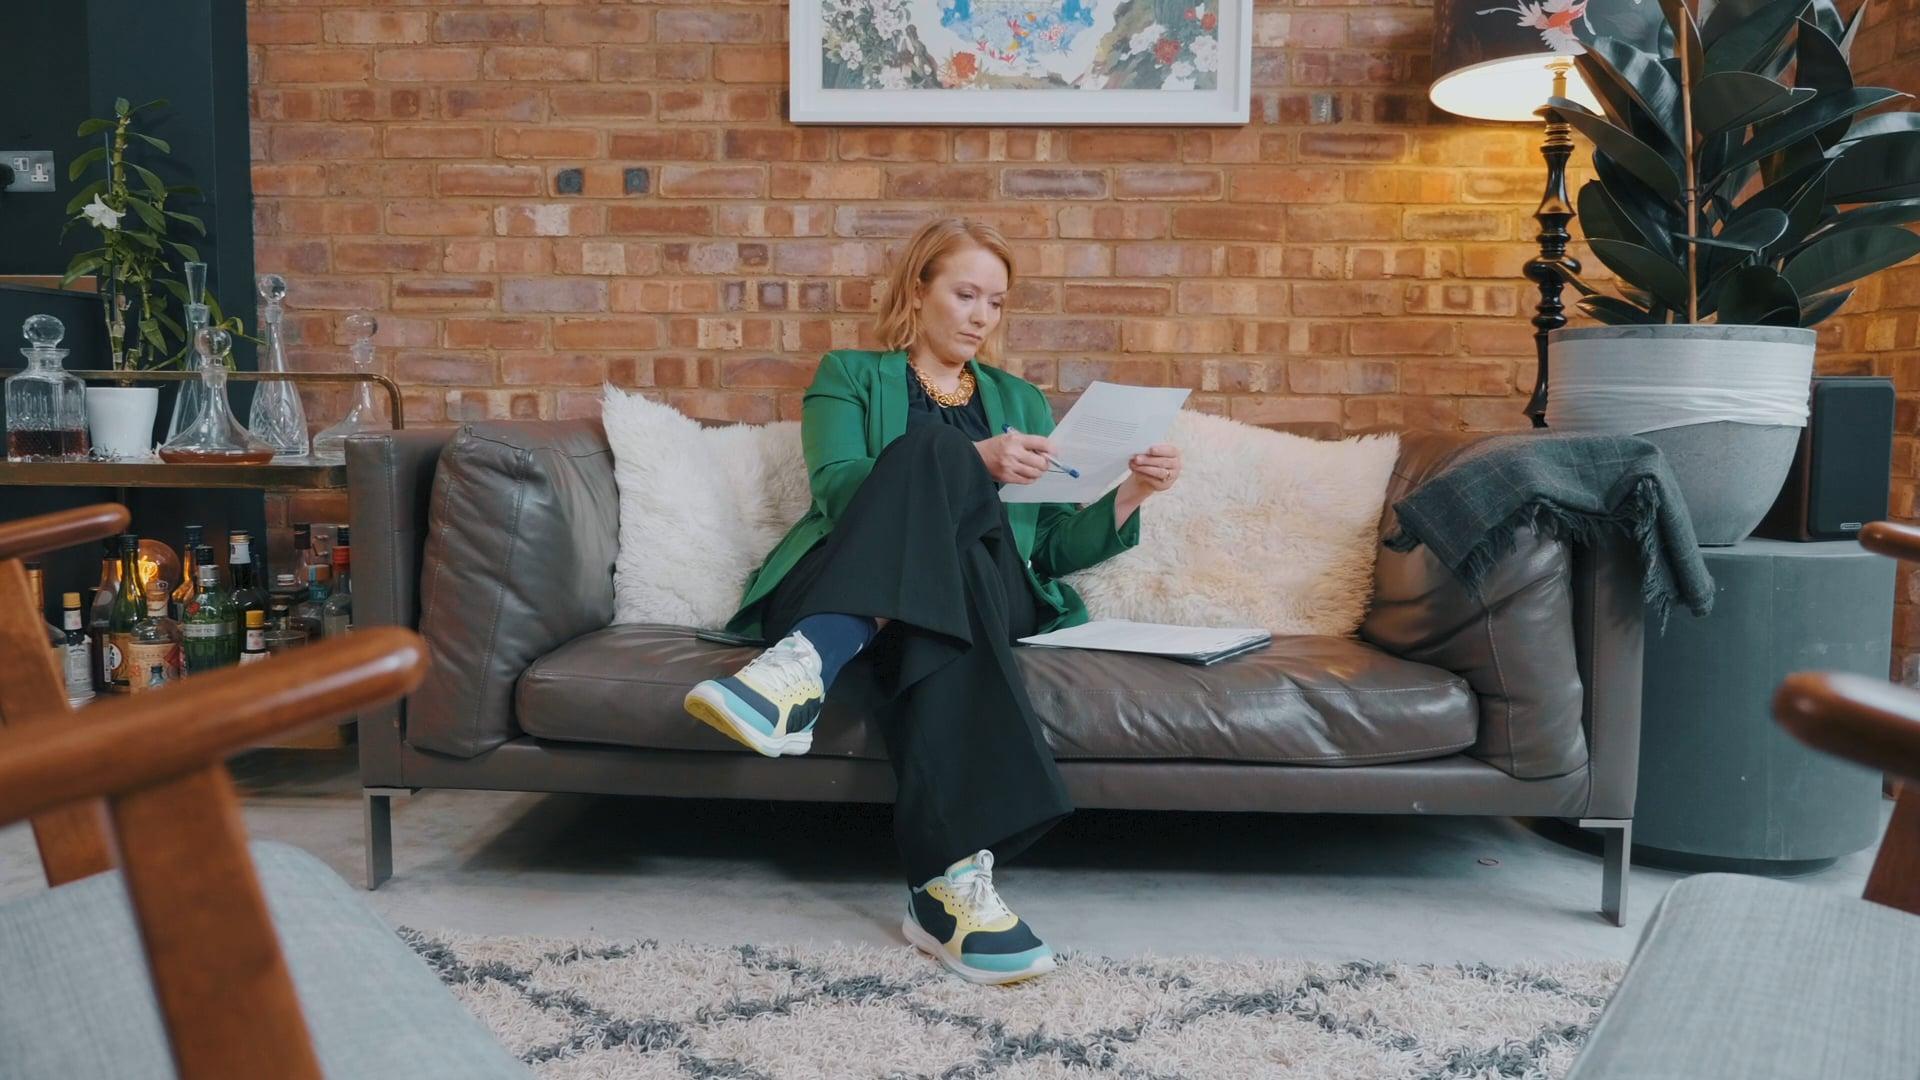 Caroline Goyder: Find Your Voice